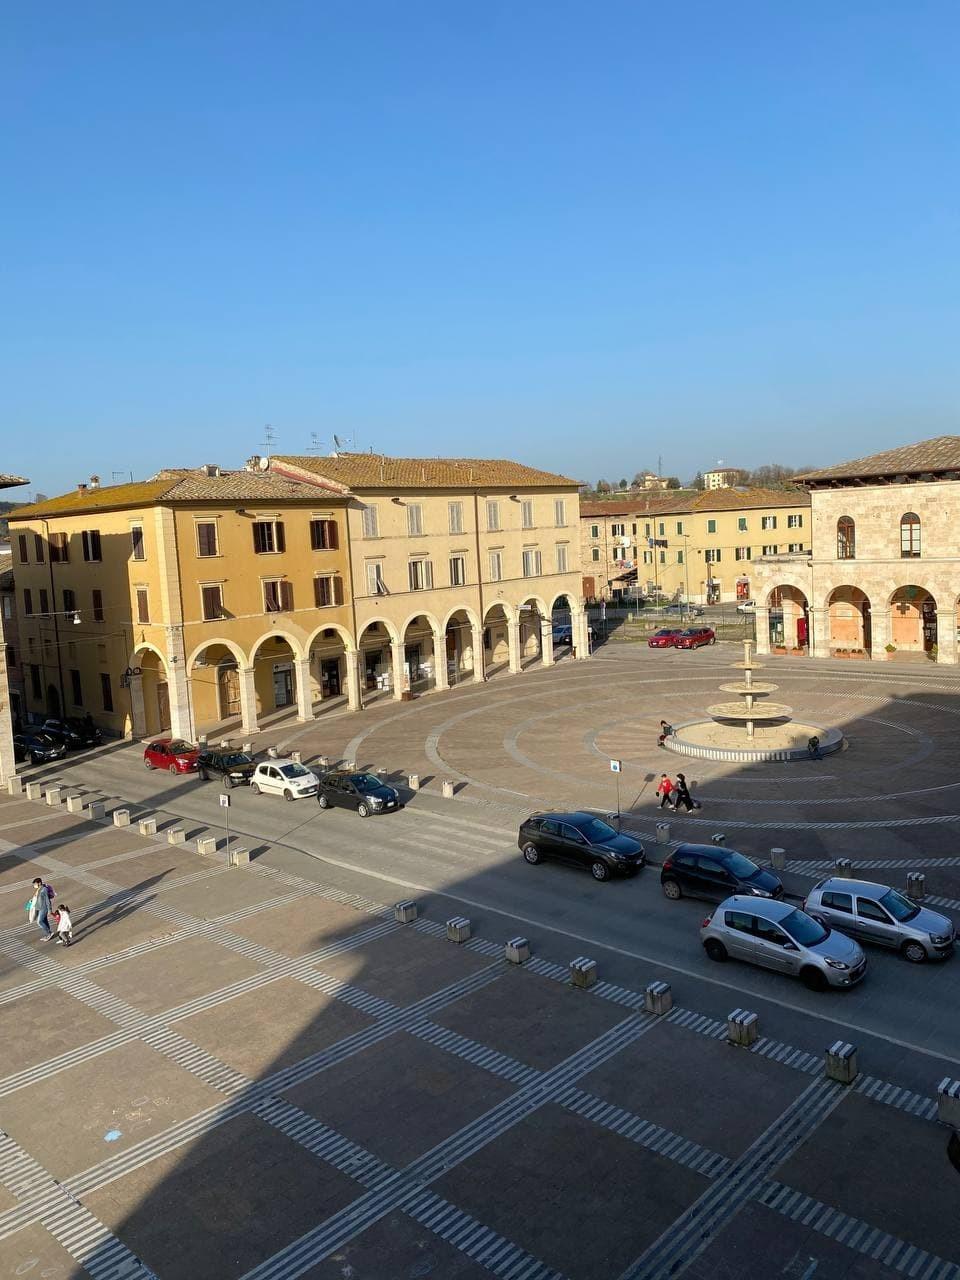 Attico / Mansarda in vendita a Colle di Val d'Elsa, 5 locali, prezzo € 280.000 | PortaleAgenzieImmobiliari.it